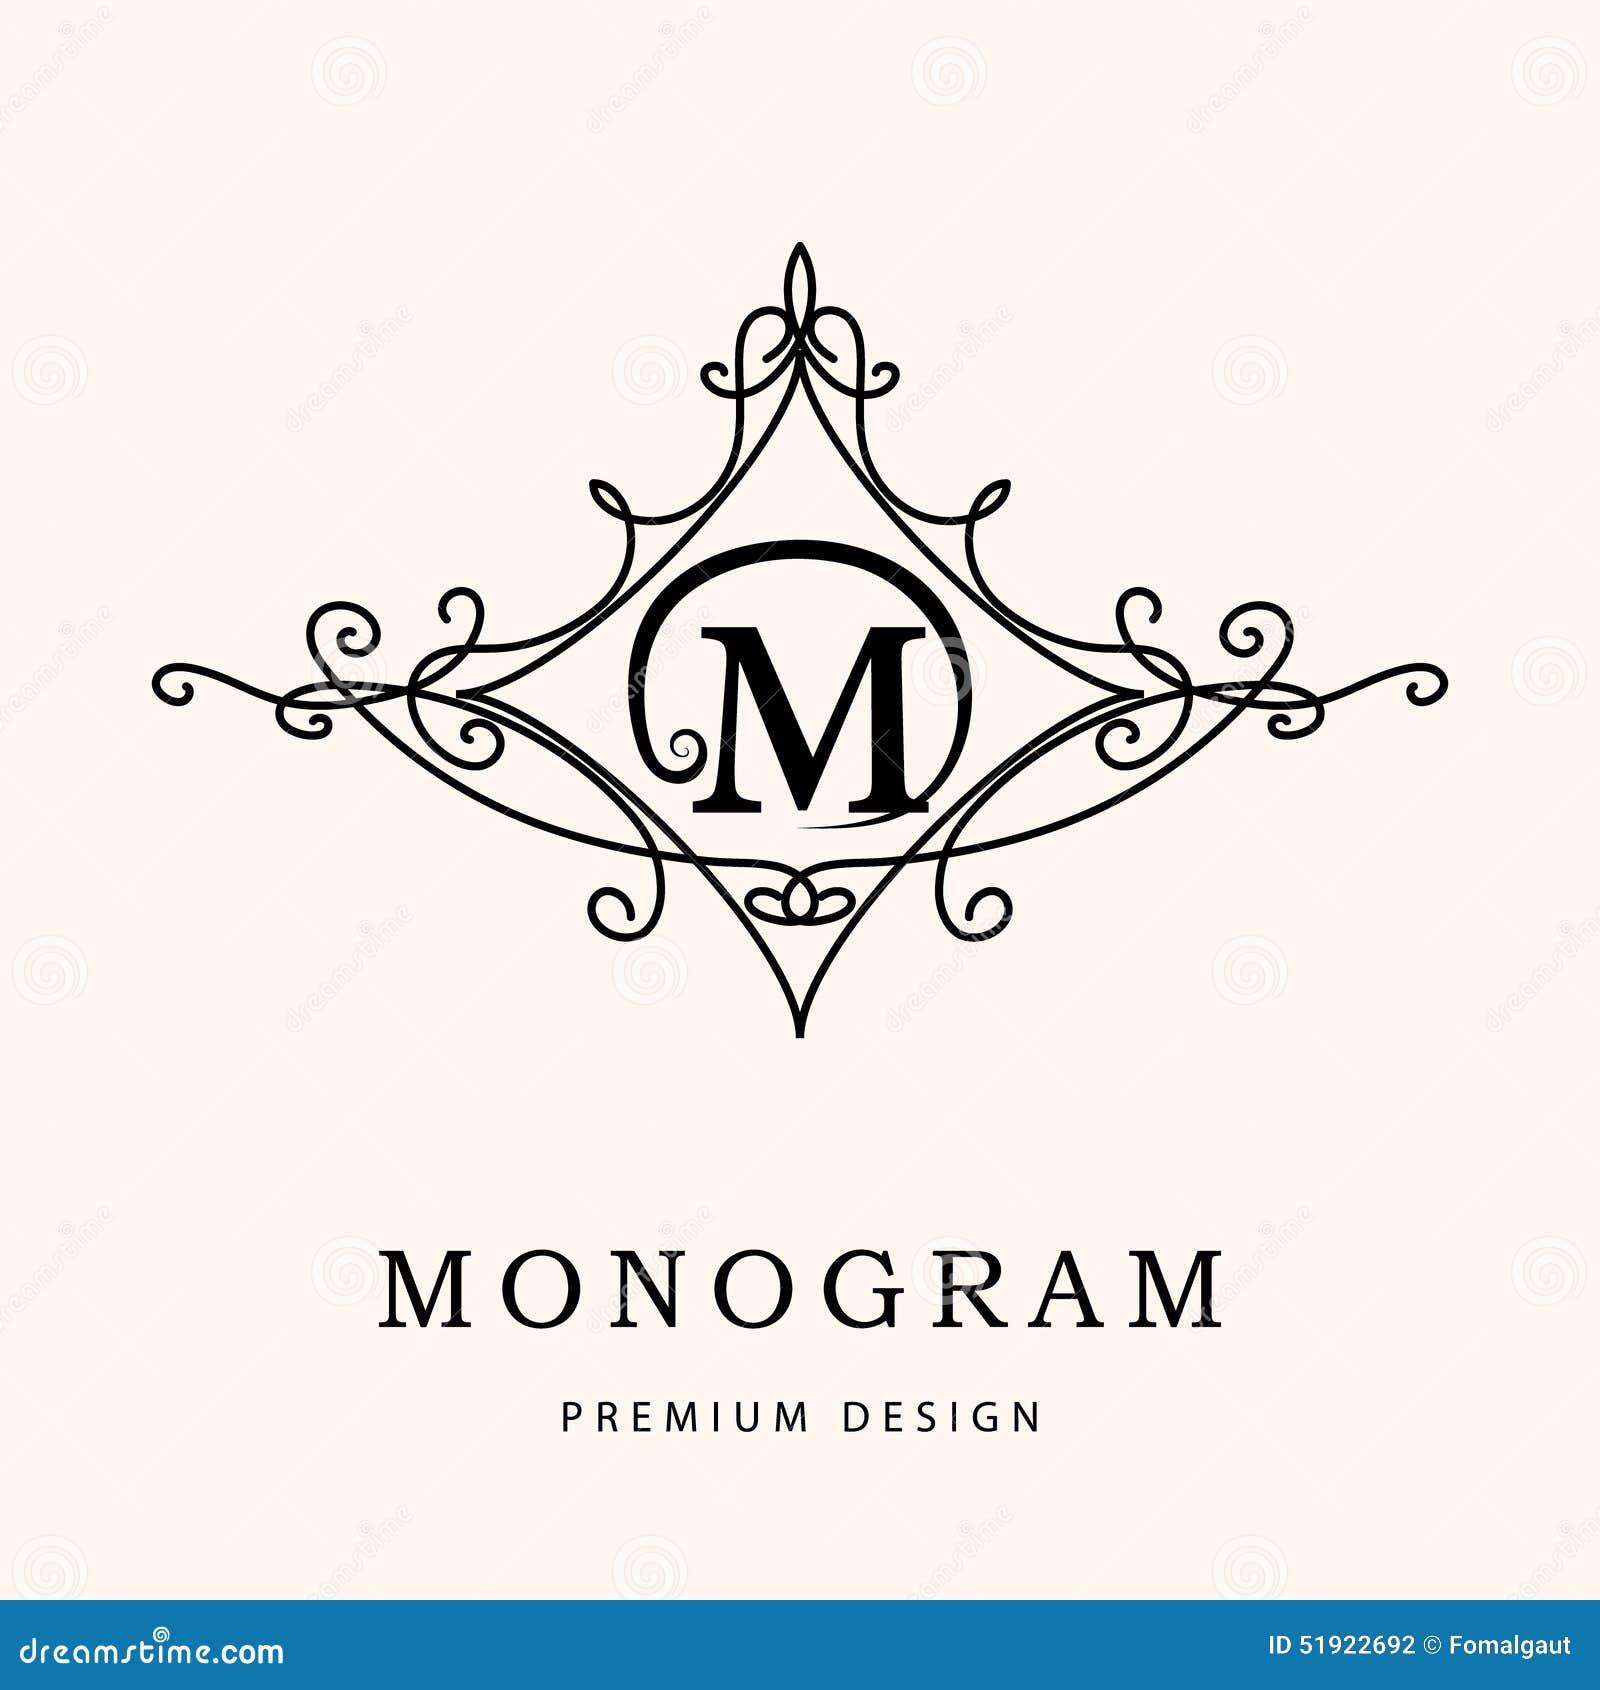 Элементы дизайна вензеля, грациозно шаблон Элегантная линия дизайн логотипа искусства письмо m эмблема также вектор иллюстрации п